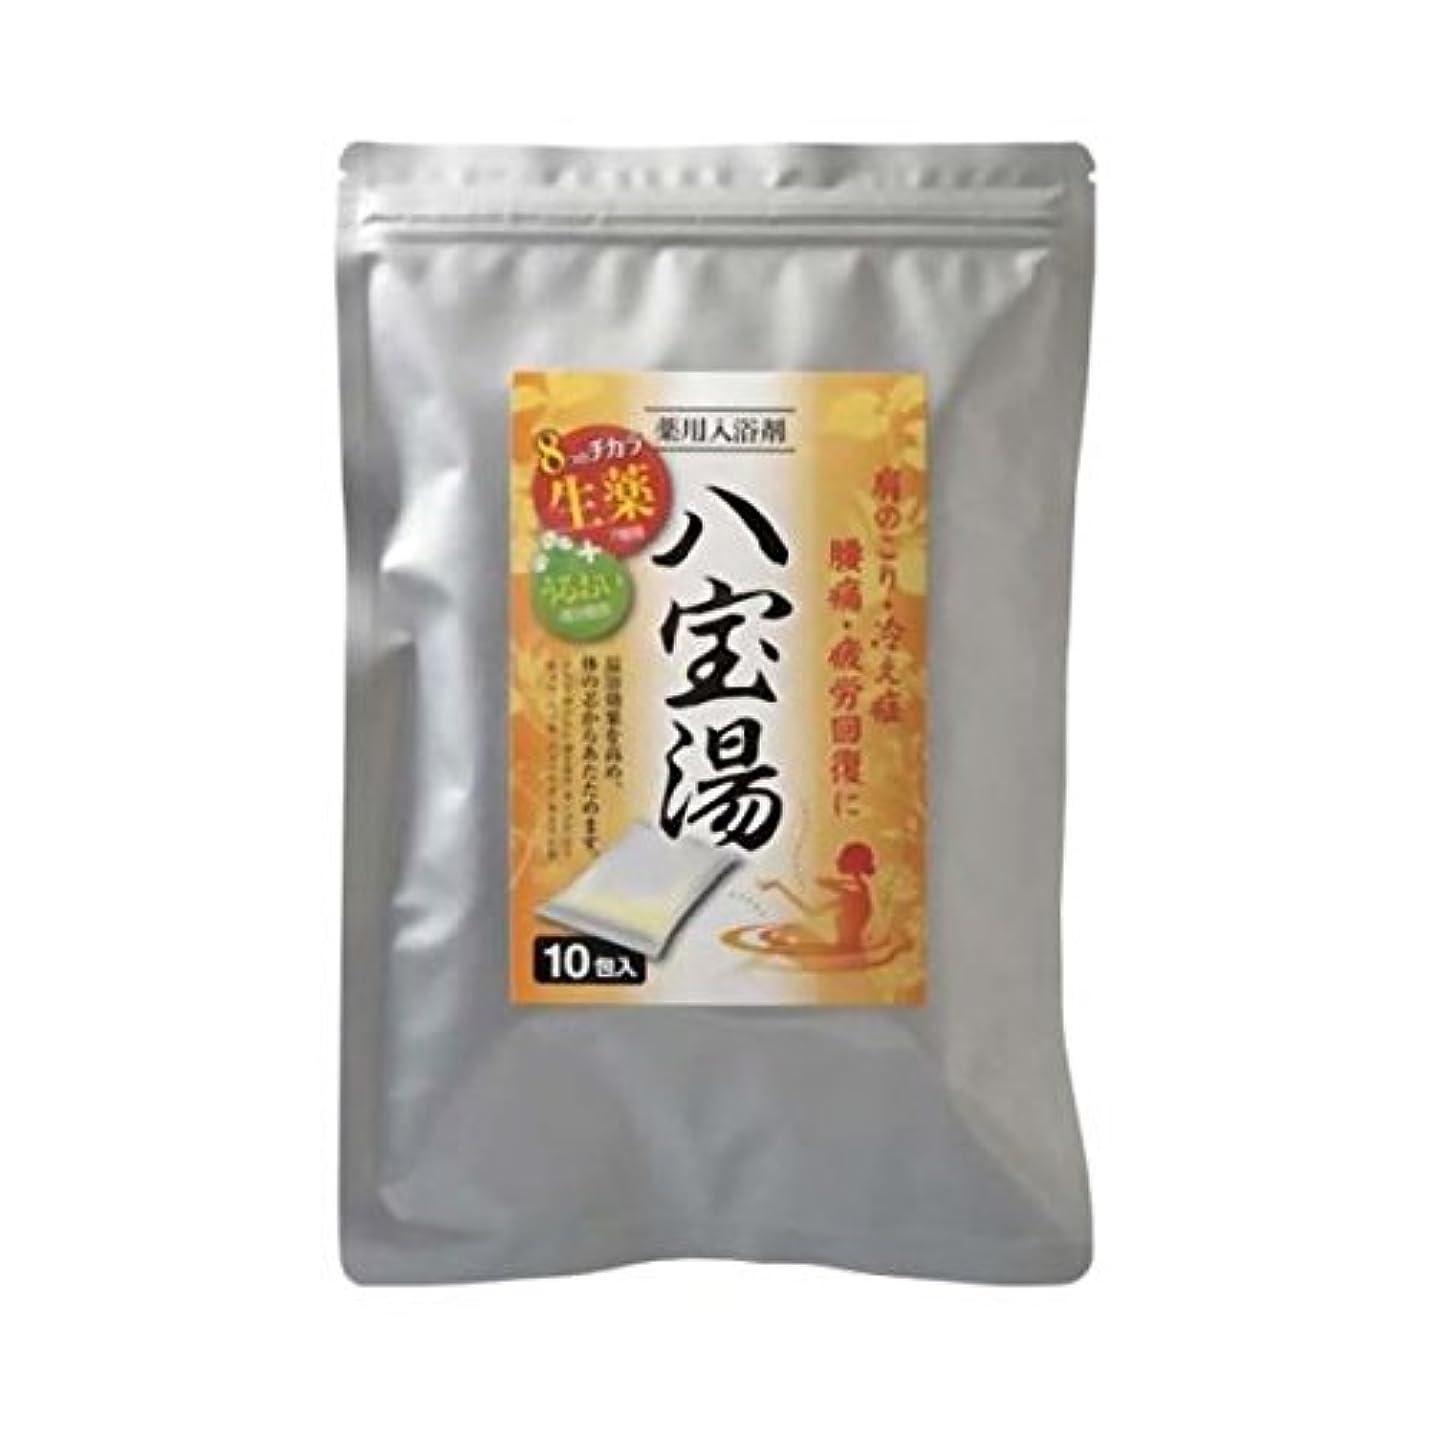 シチリアかび臭い光景【お徳用 3 セット】 薬用入浴剤 八宝湯 カモミールの香り 10包×3セット